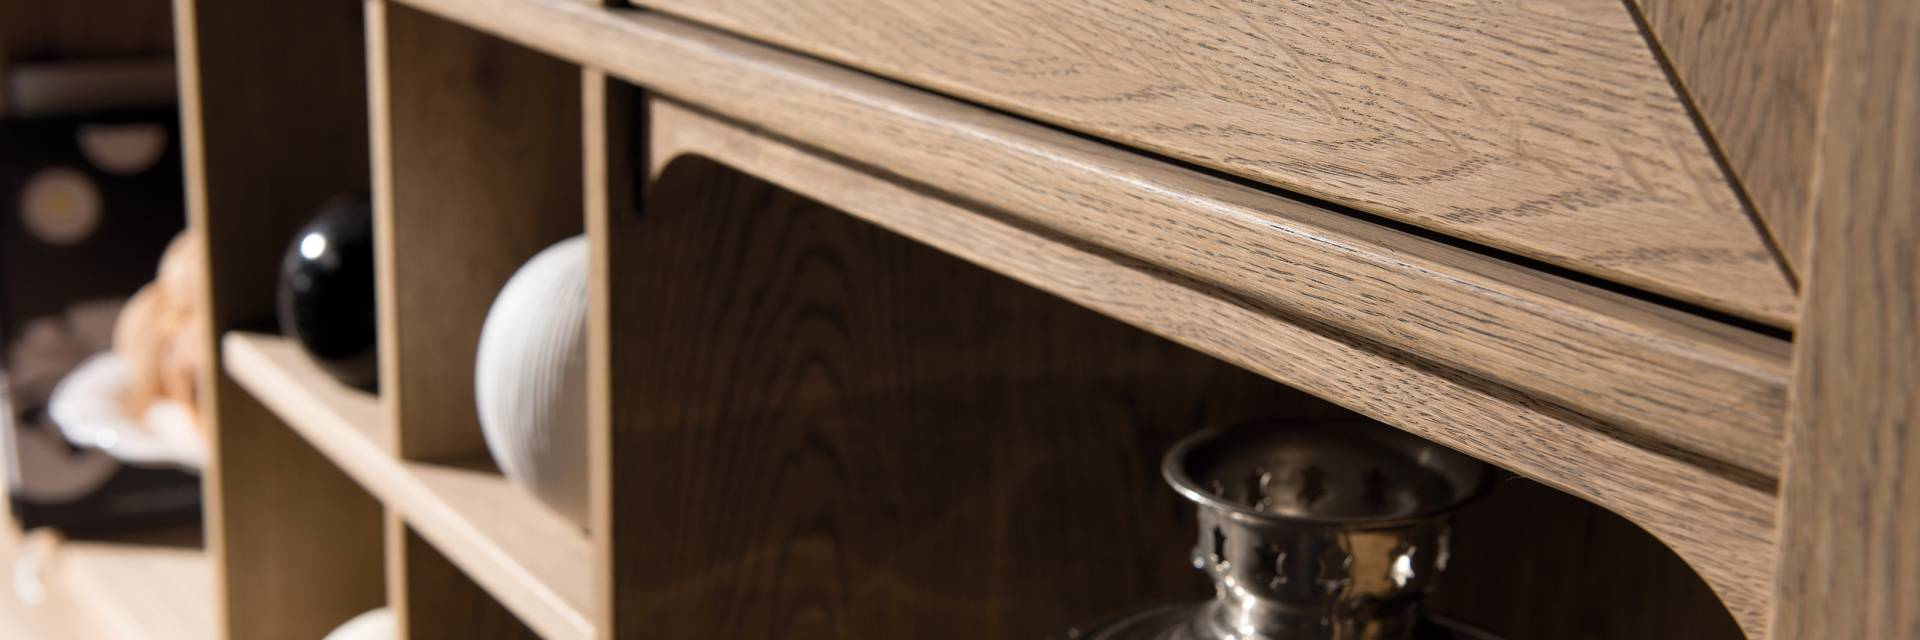 Kolekcja Luksusowych Mebli z Naturalnego Drewna Atelie